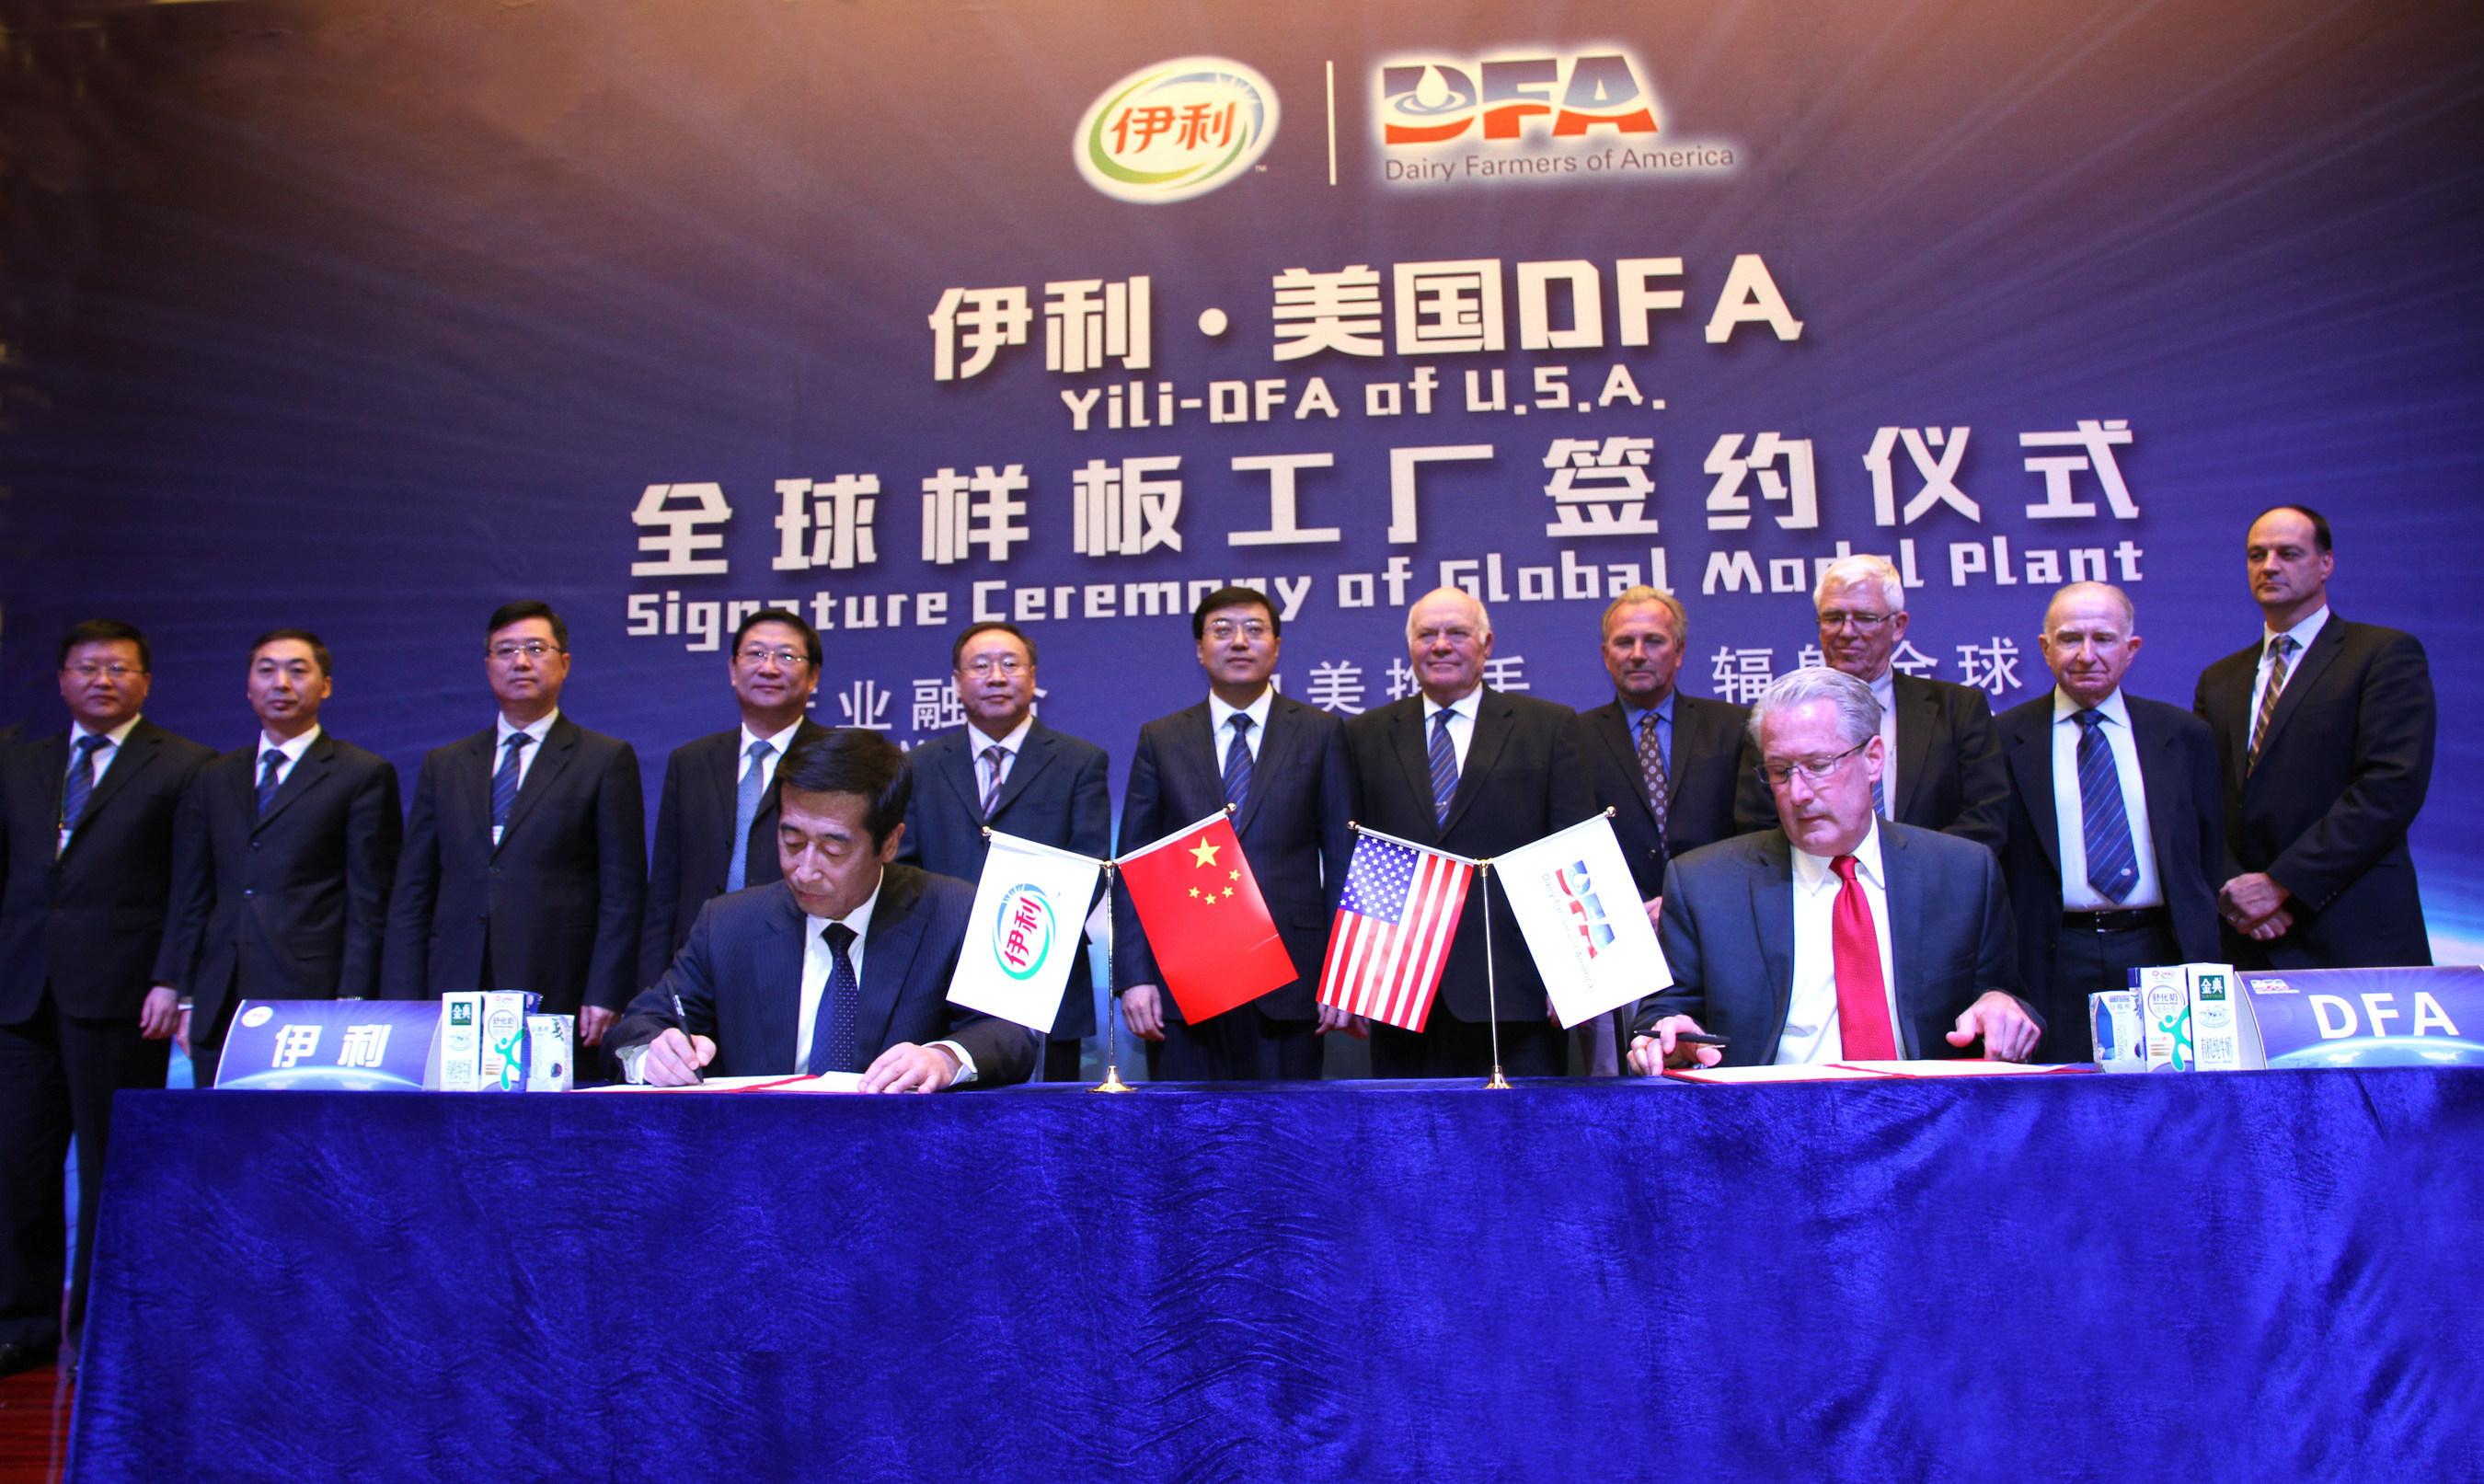 Unterschrift für internationales Modellunternehmen